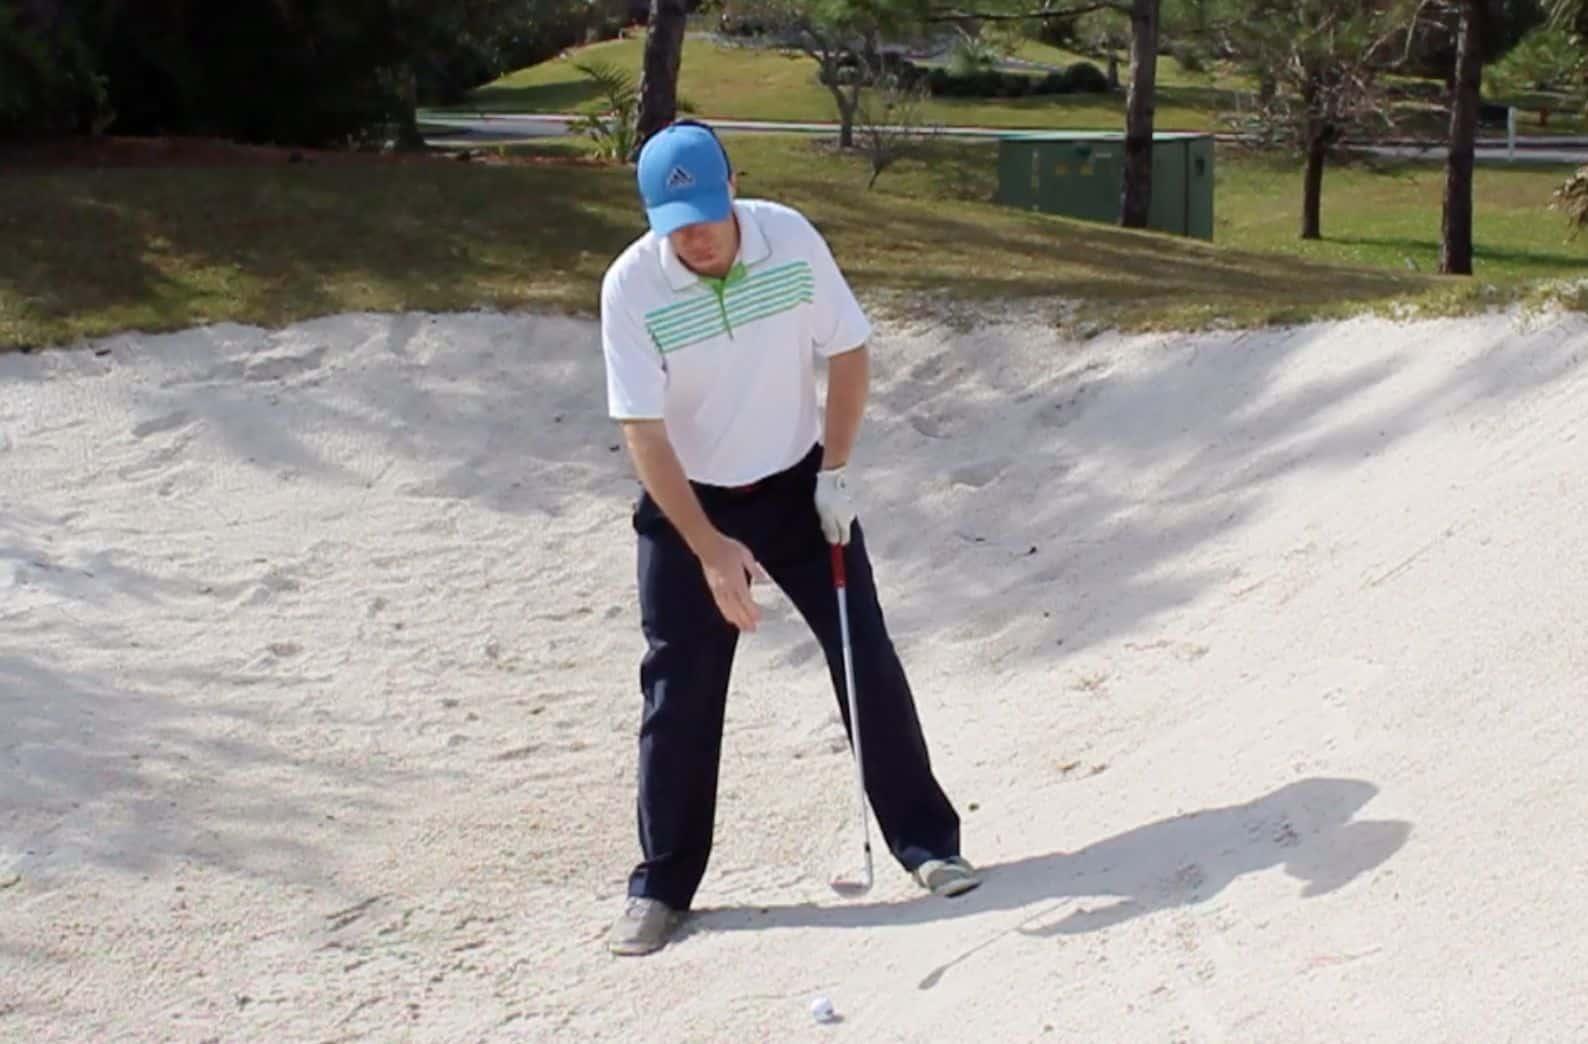 Uphill Bunker Shot Ball Position